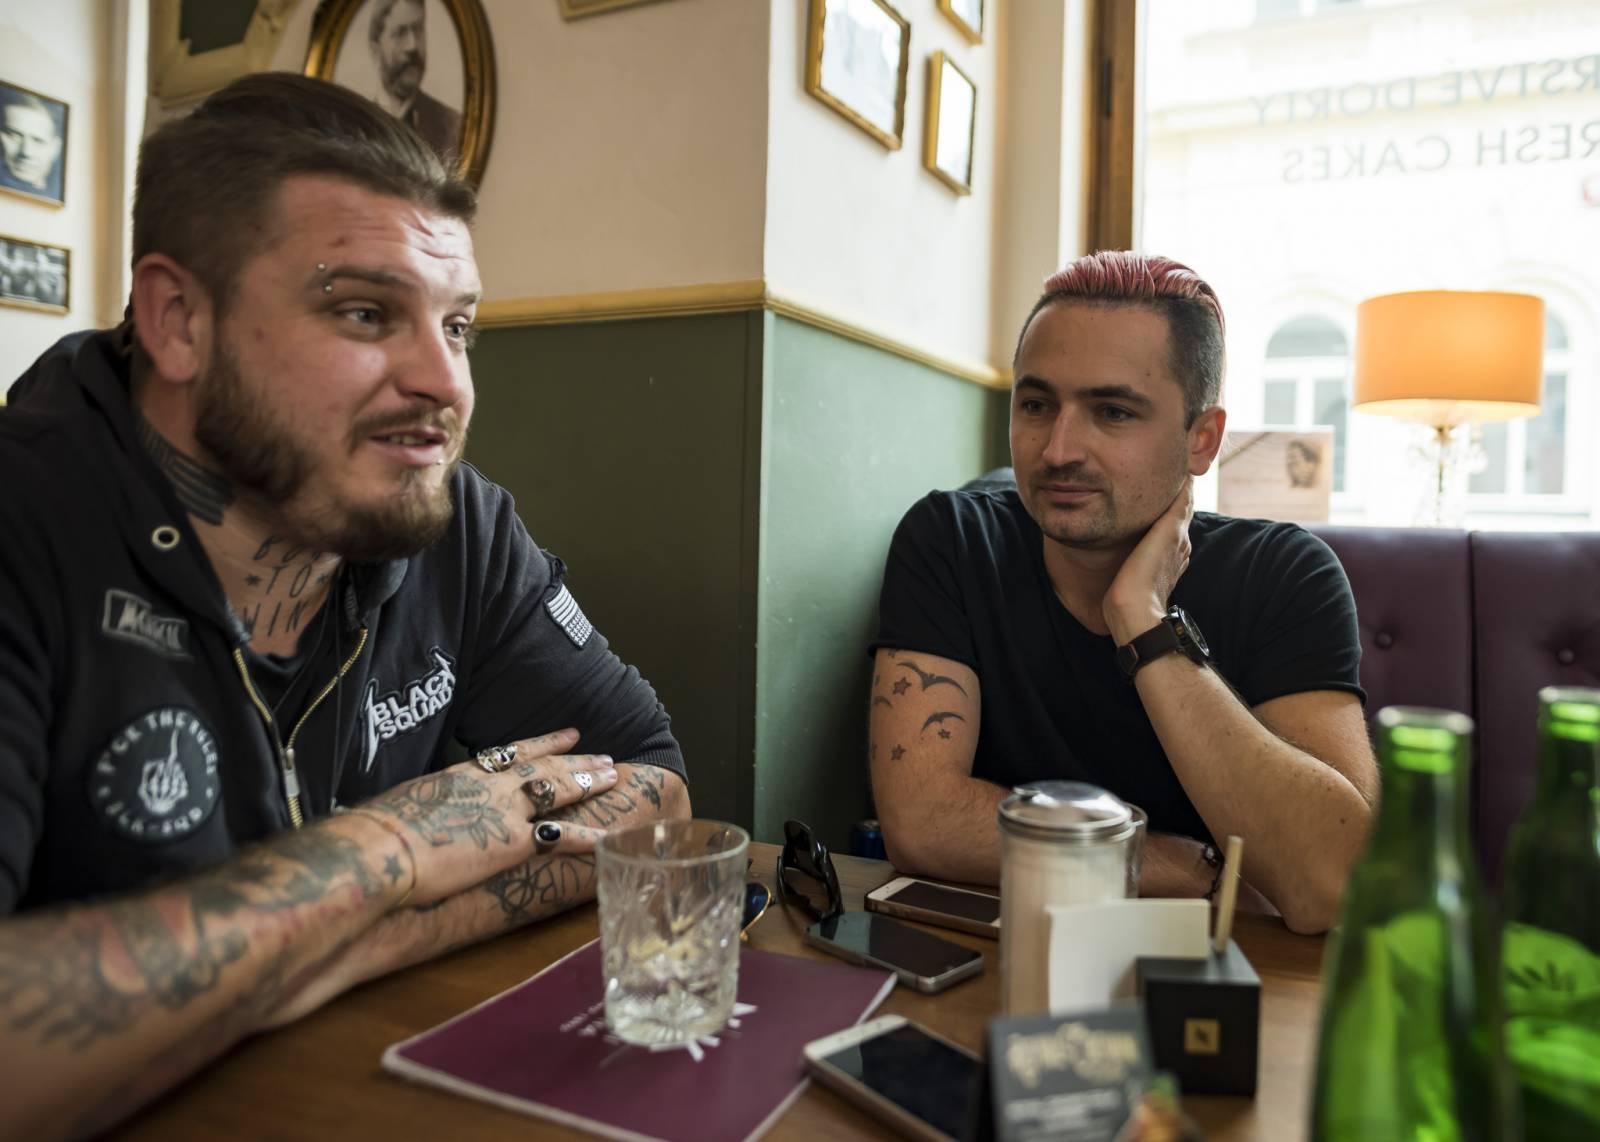 Rybičky 48 interview: V Americe si trávu objednáš jak pizzu